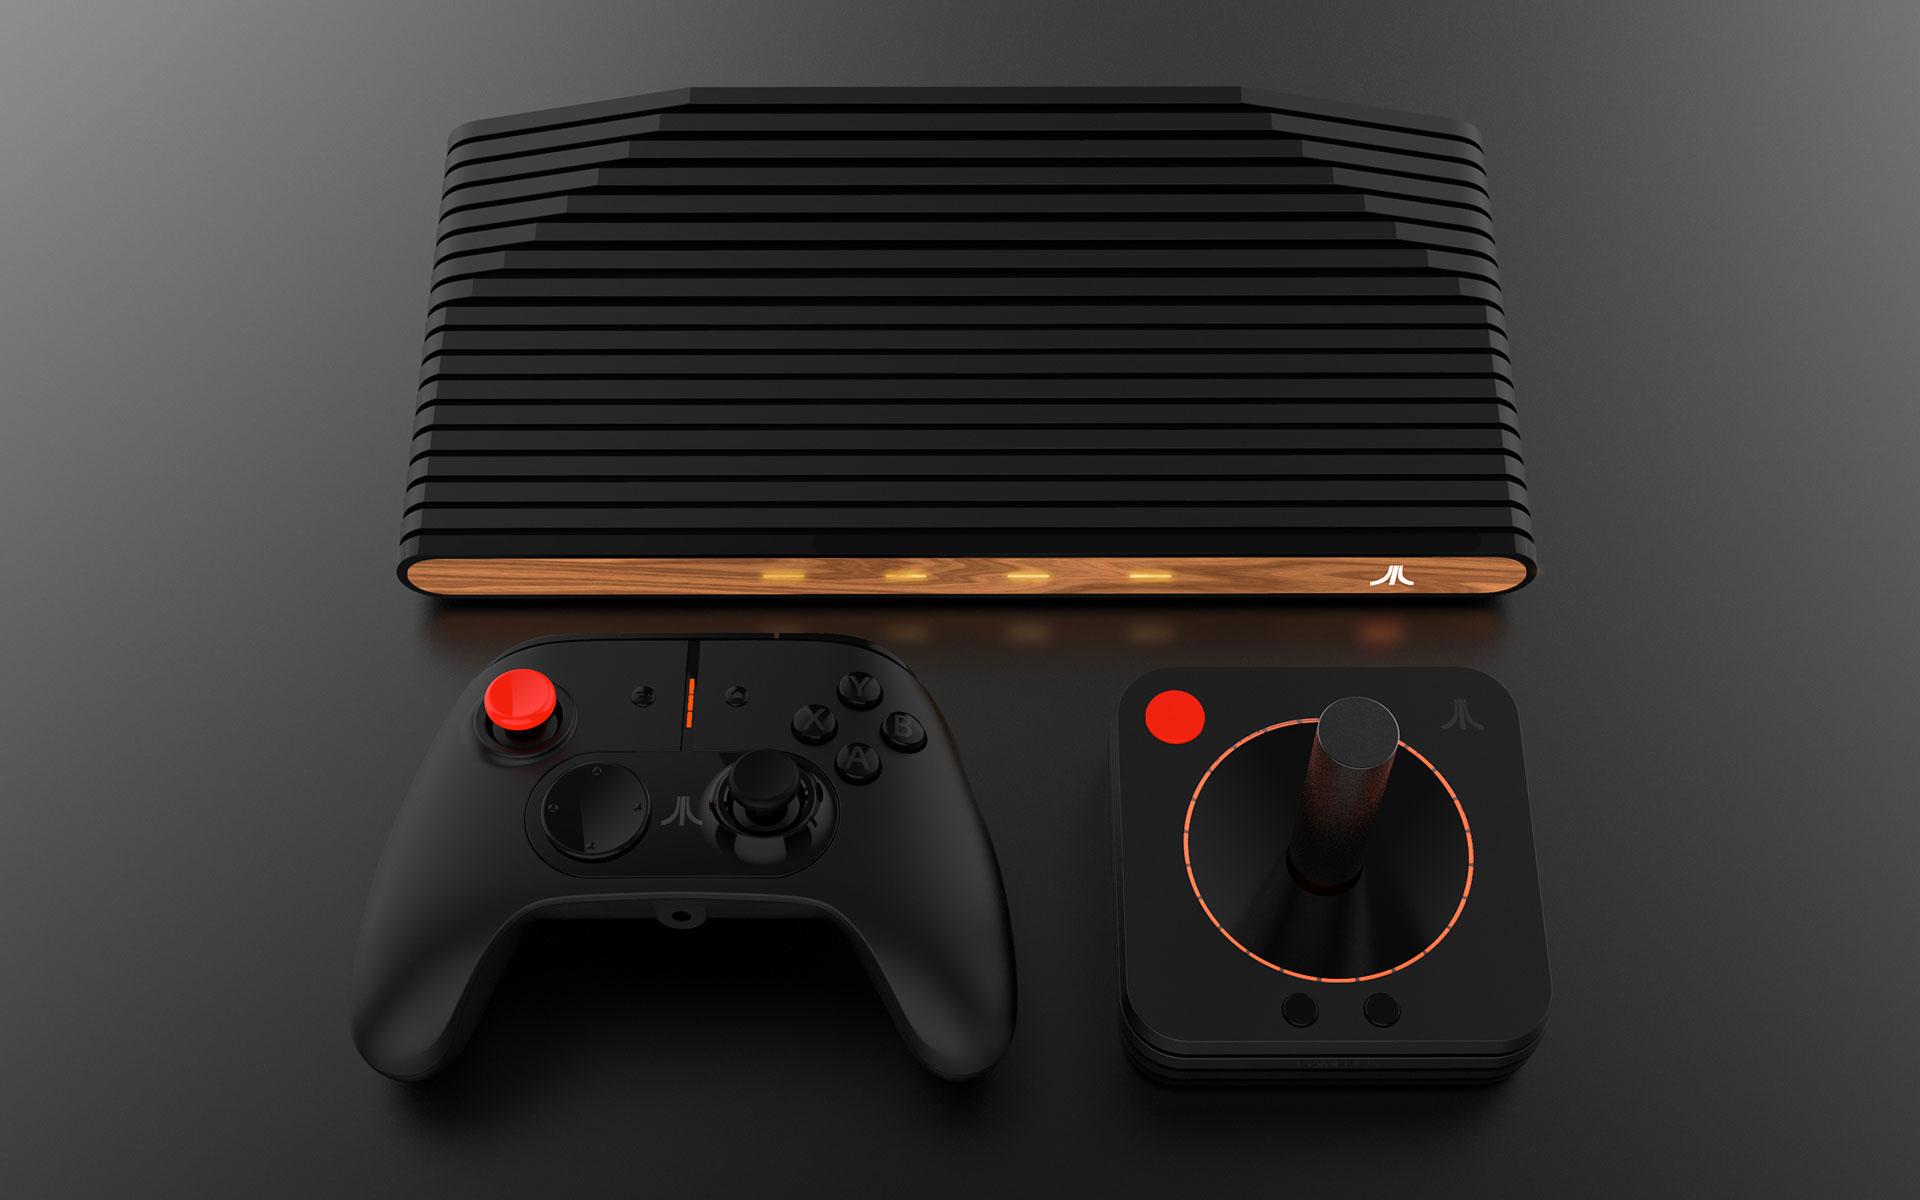 Custando quase R$ 700, pré-venda do Atari VCS começa no dia 30 de maio